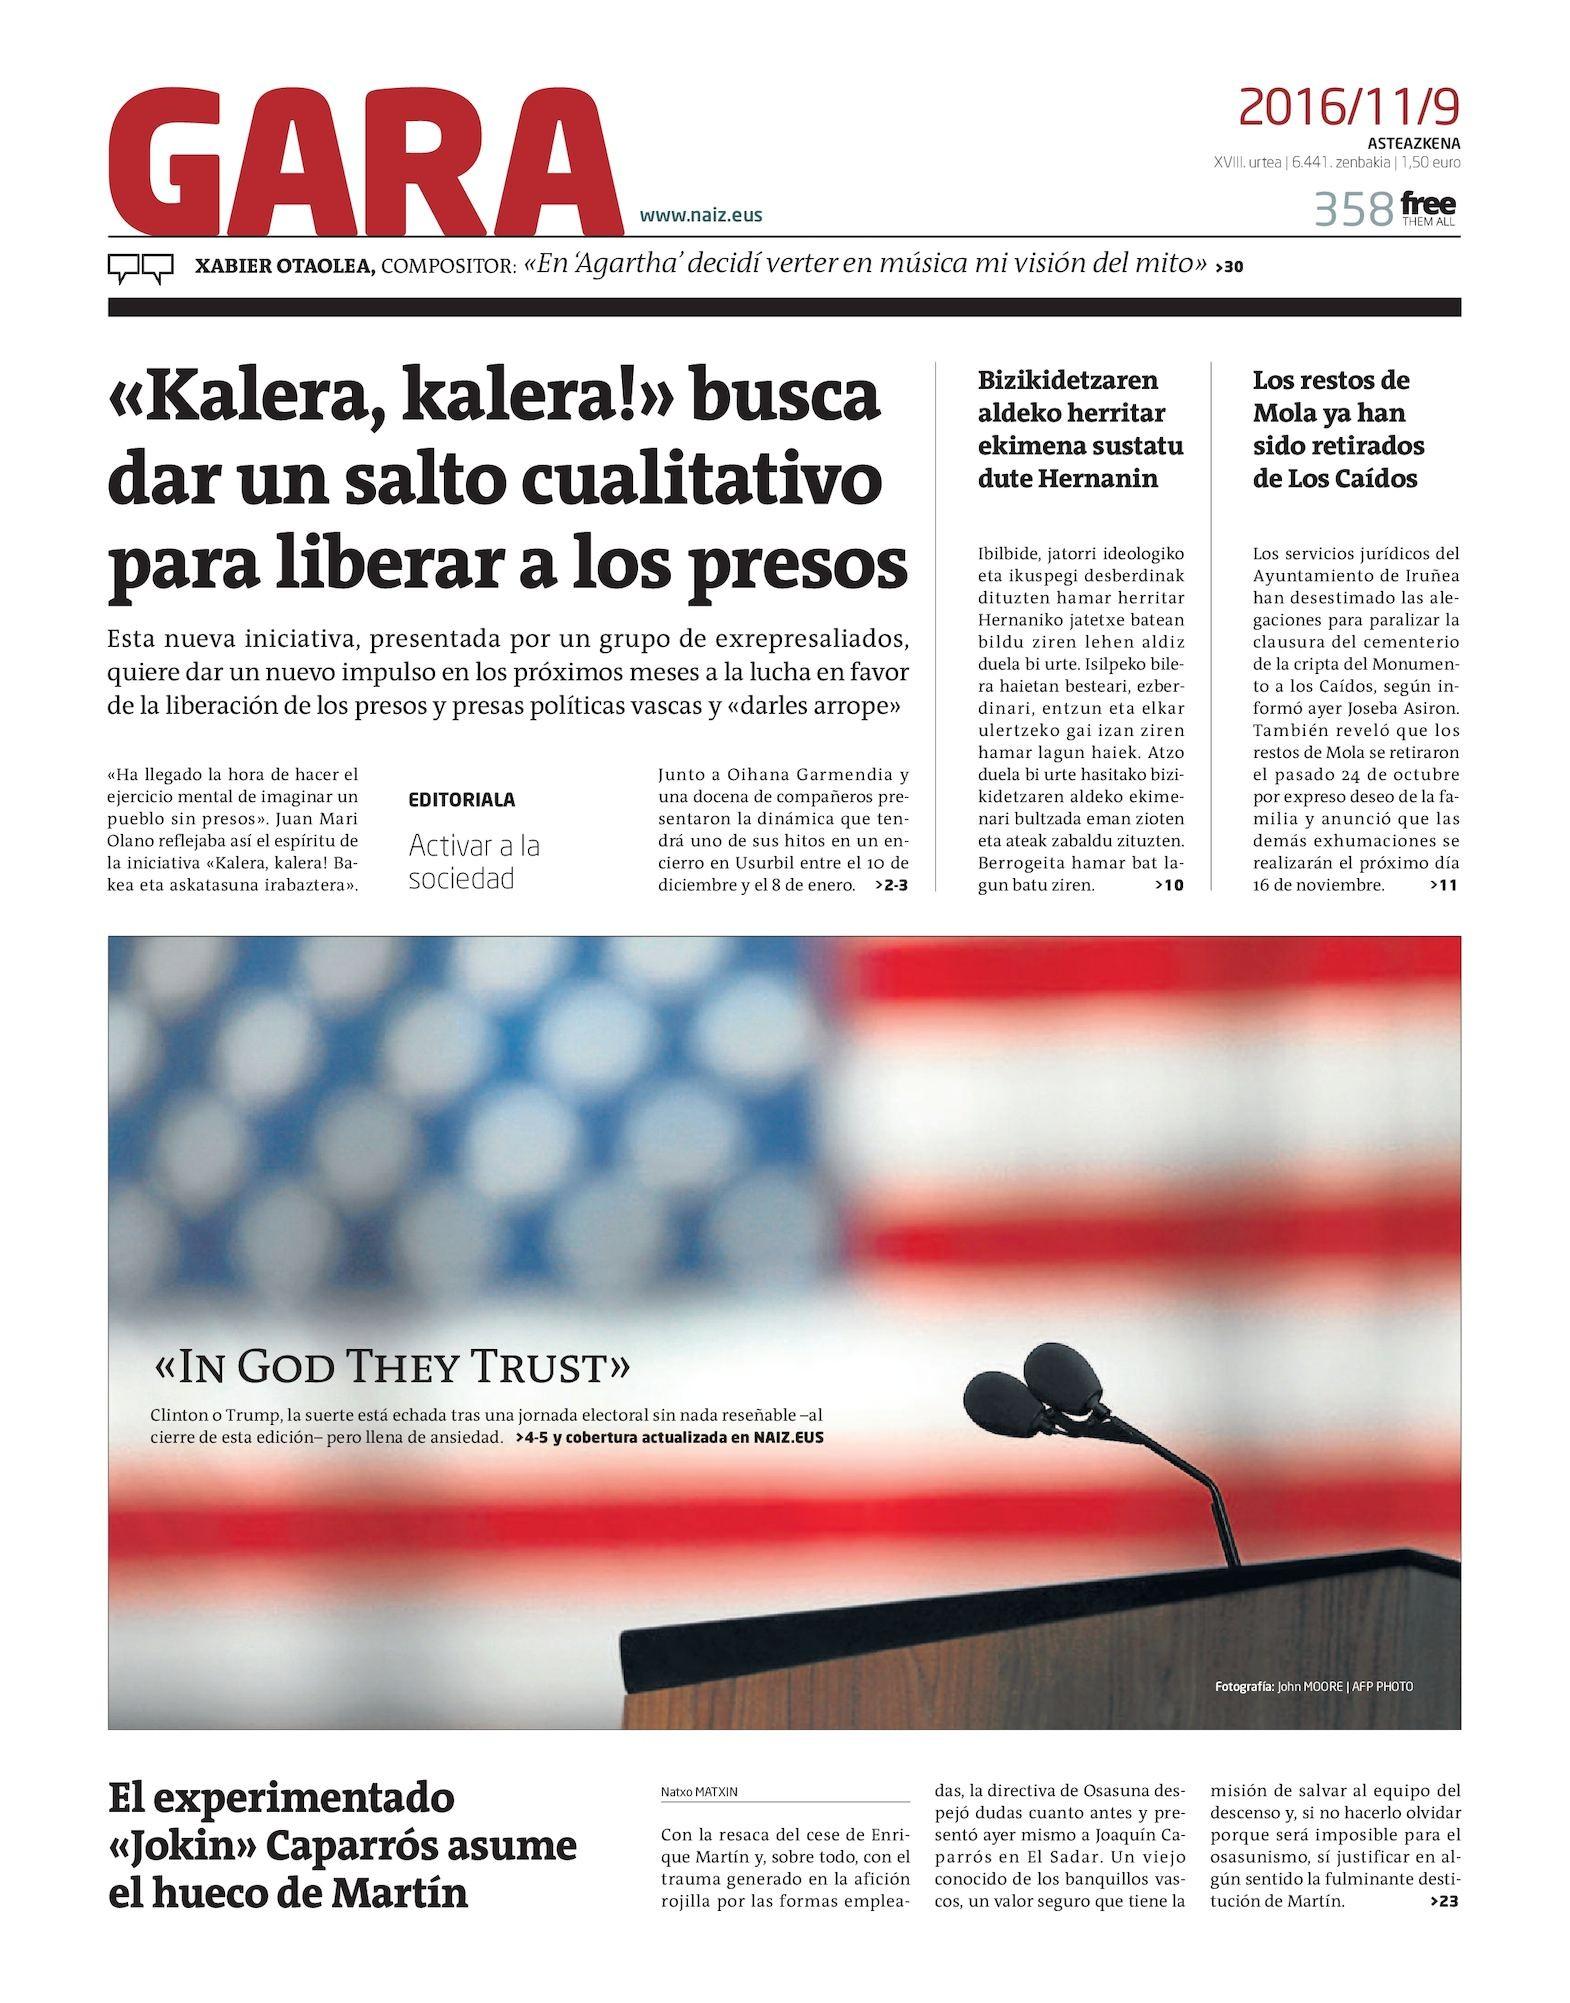 Calendario Lunar Febrero 2019 Mexico Mejores Y Más Novedosos Calaméo Gara Of Calendario Lunar Febrero 2019 Mexico Recientes Calendario Mayo 2018 Calendarios2018 Pinterest